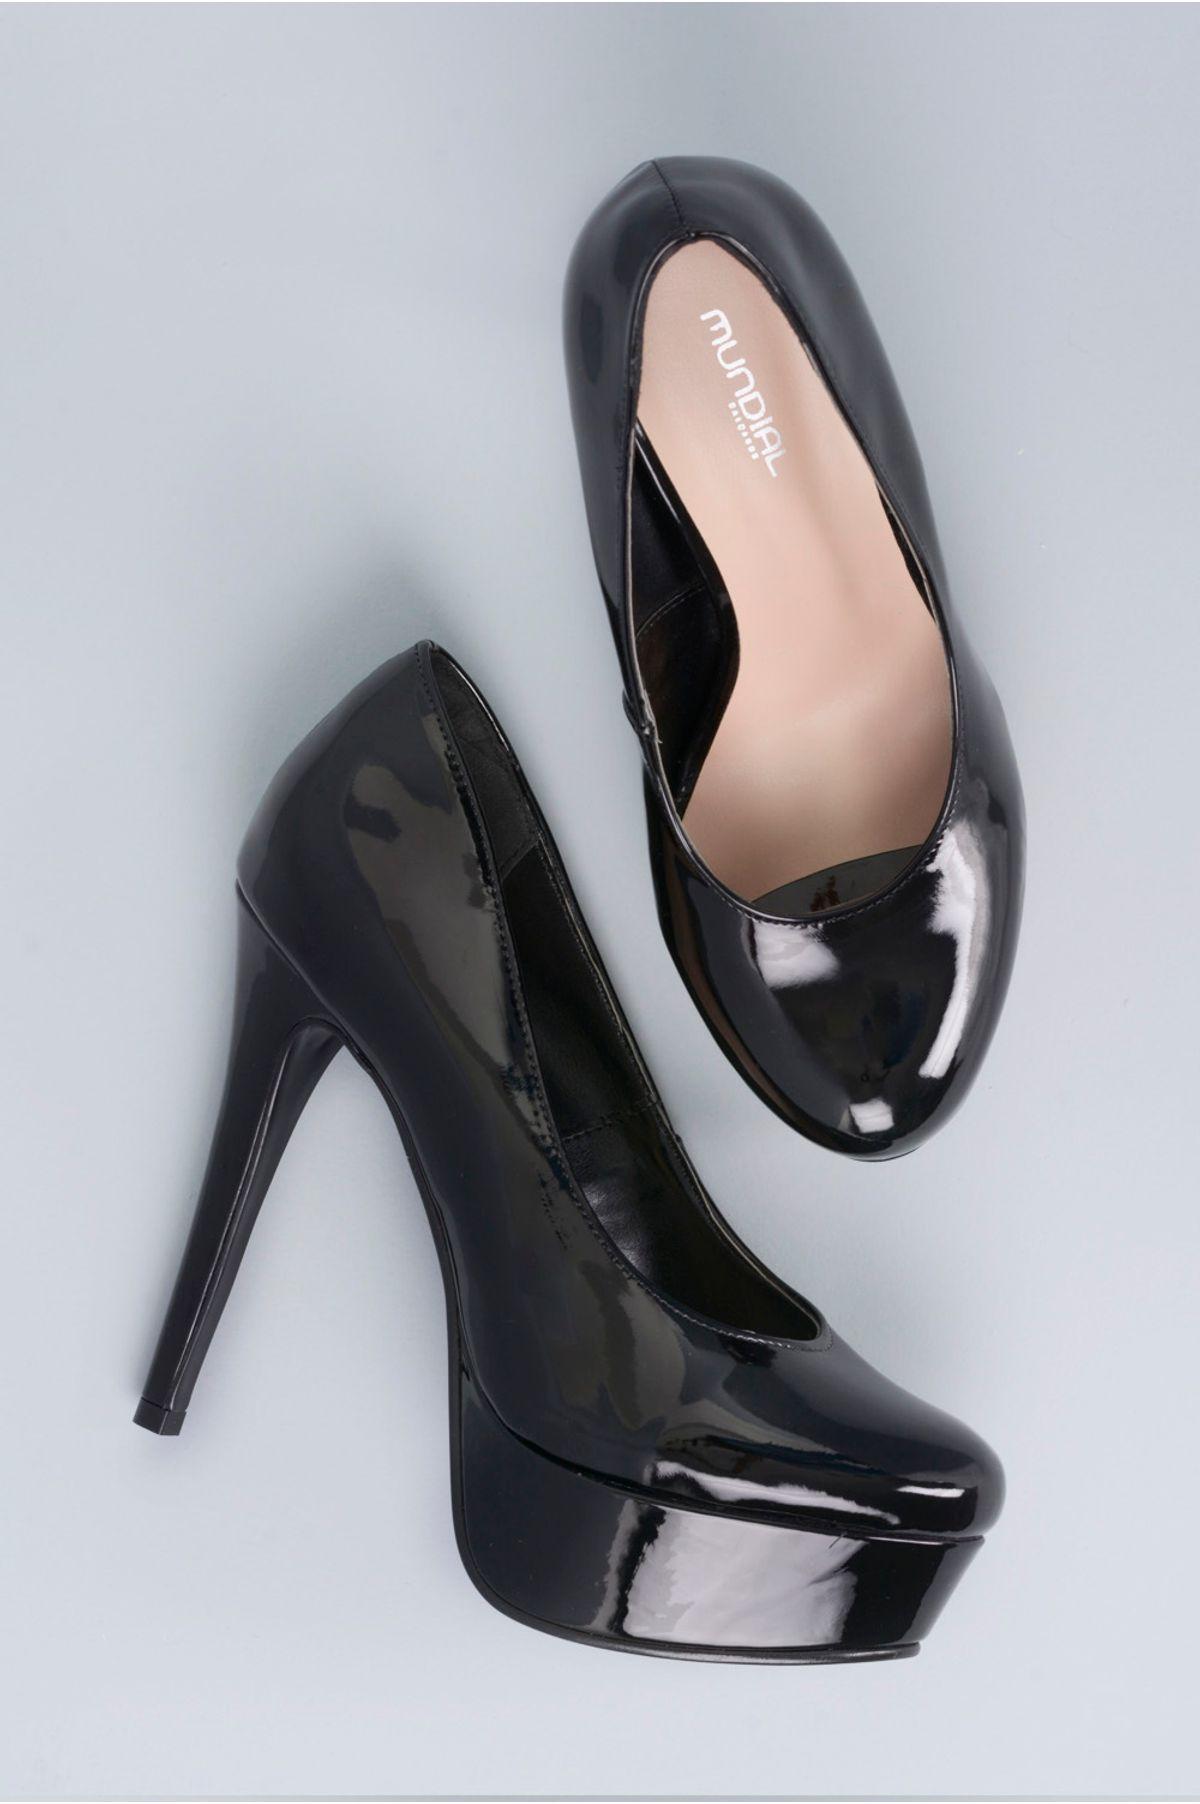 ab59564962 Sapato Feminino Salto Alto Lone Mundial VERNIZ PRETO - Mundial Calçados